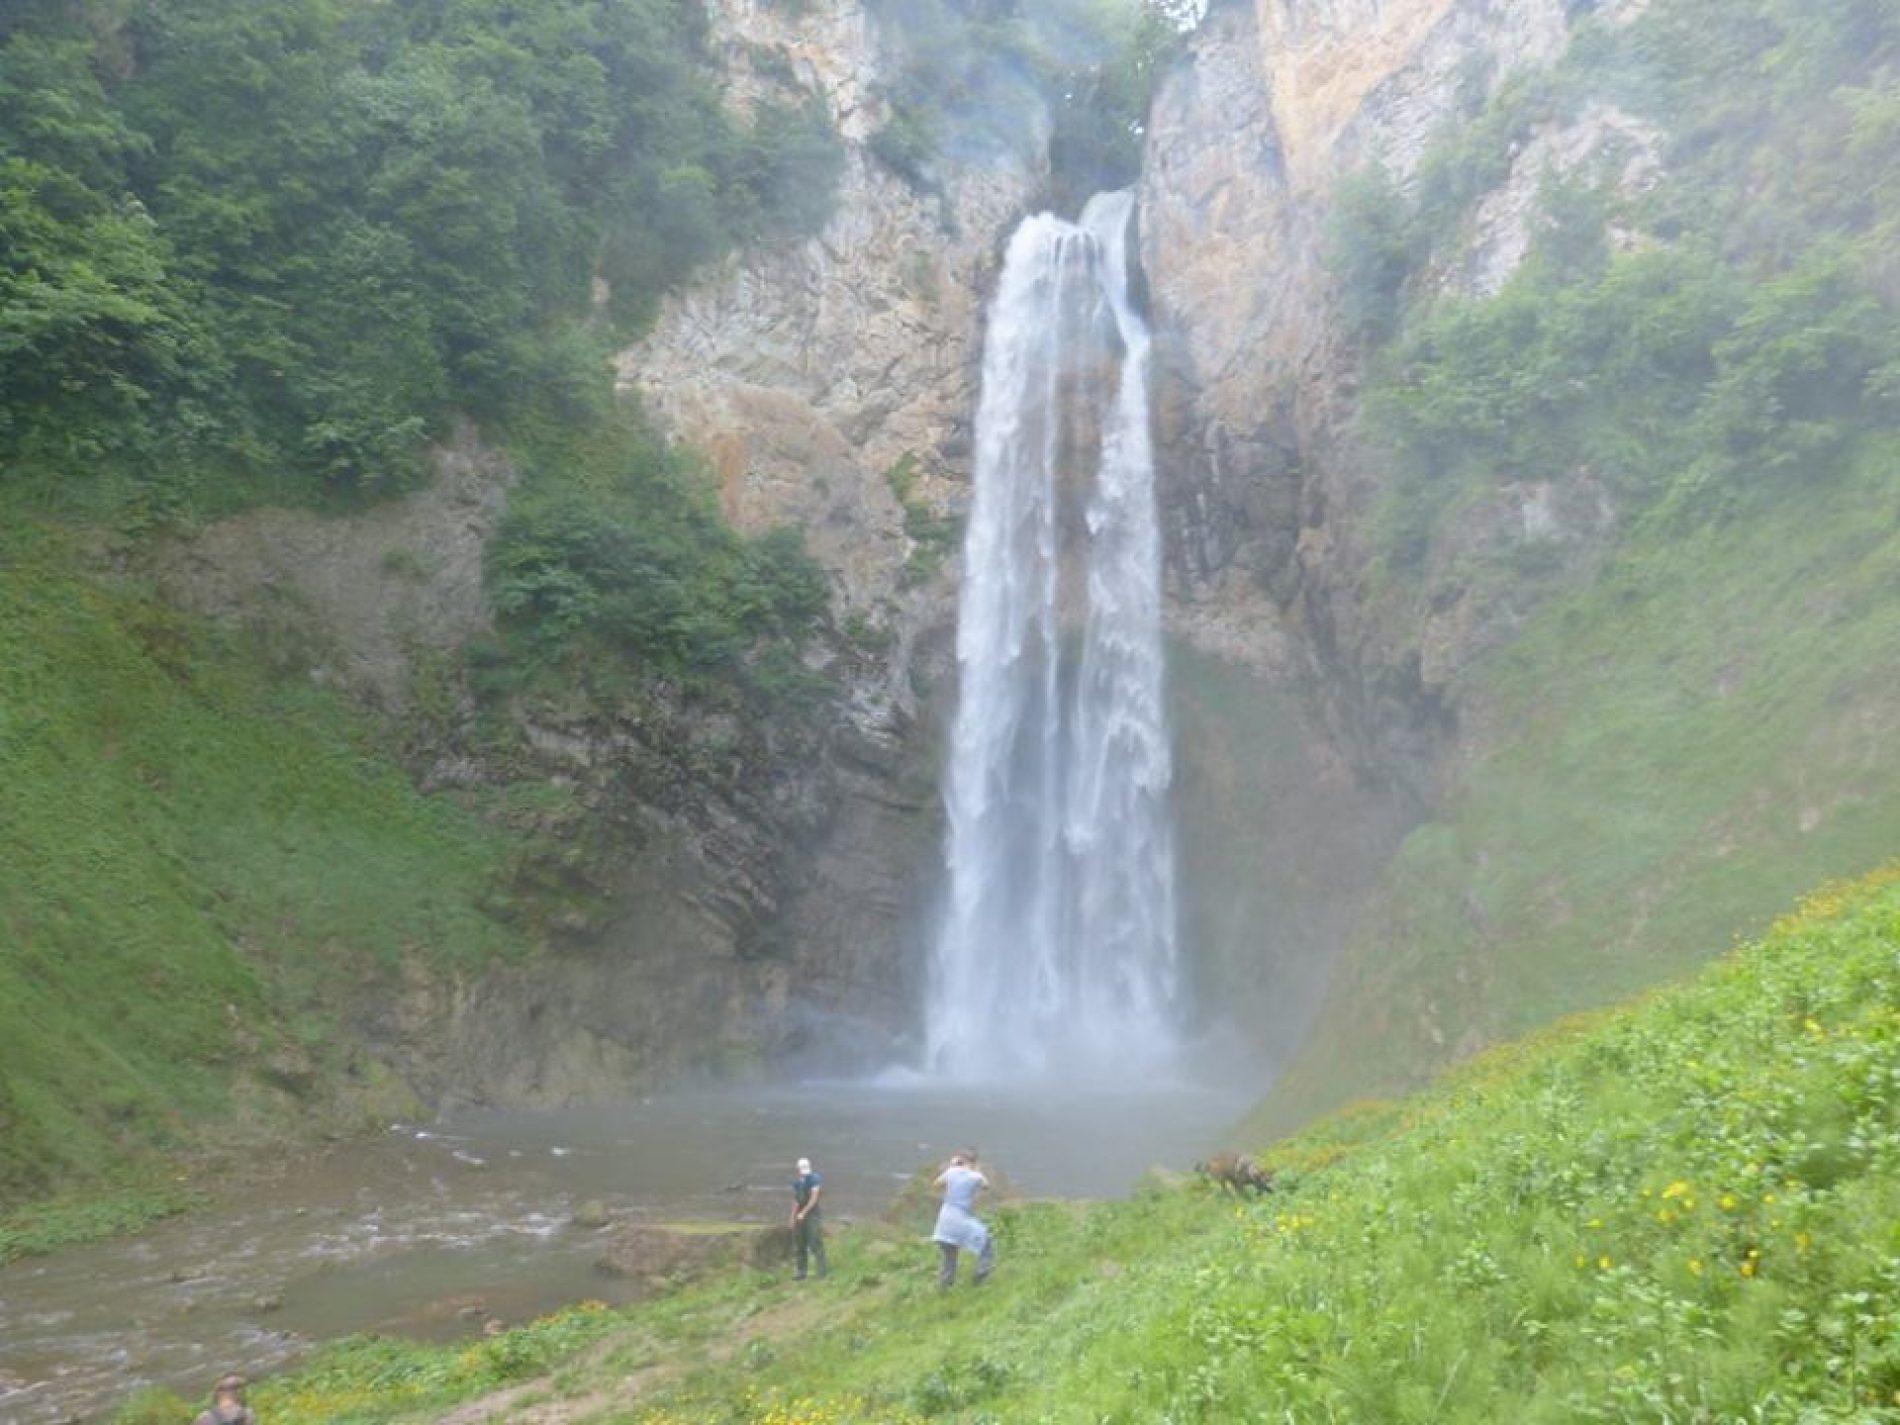 Tako se čuva priroda: Očišćen lokalitet vodopada Blihe